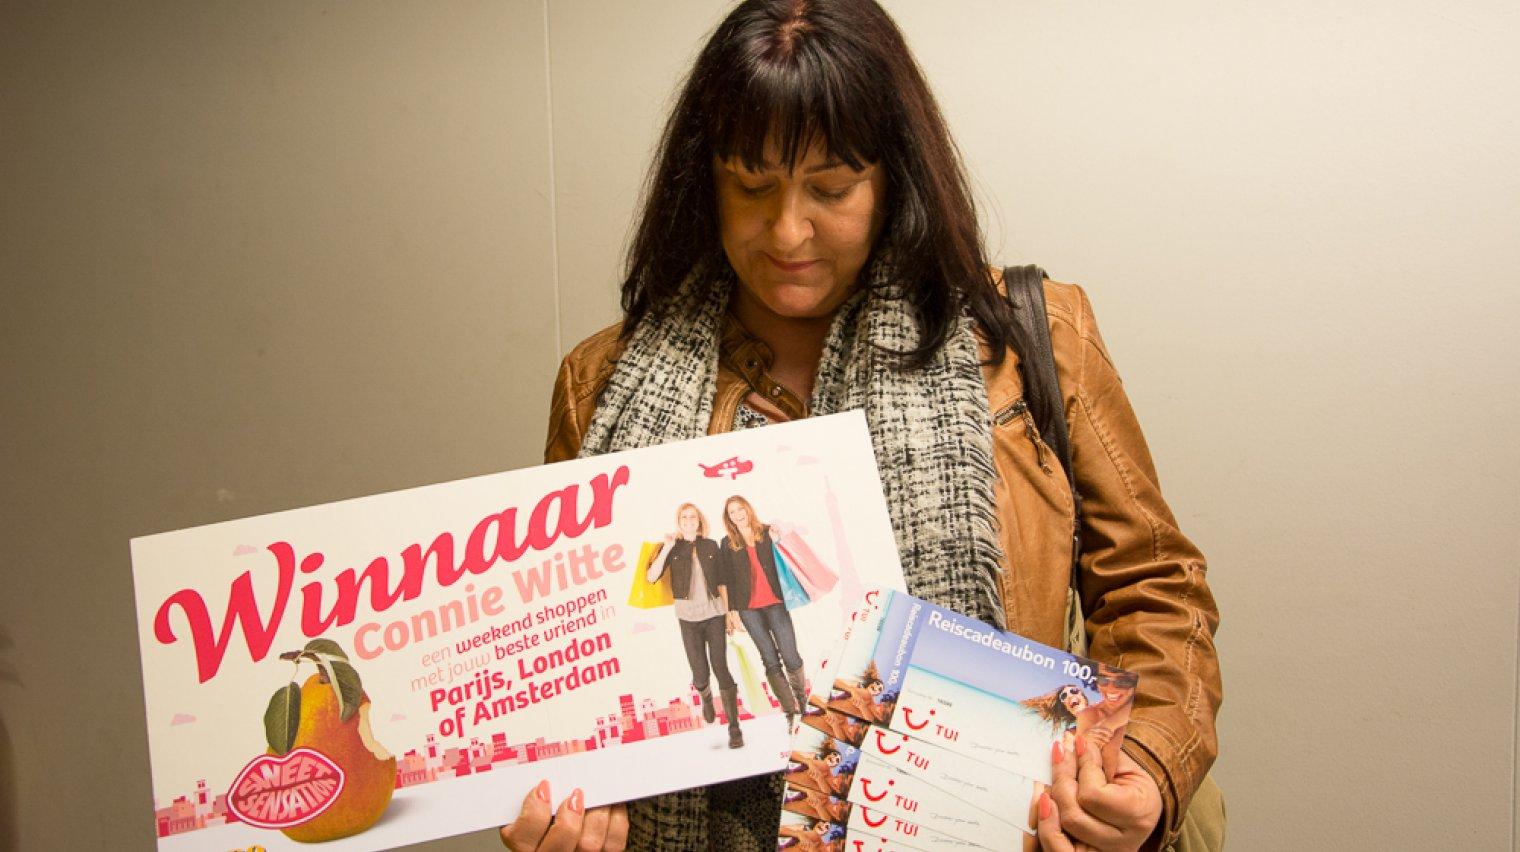 Connie Witte winnaar Sweet Sensation